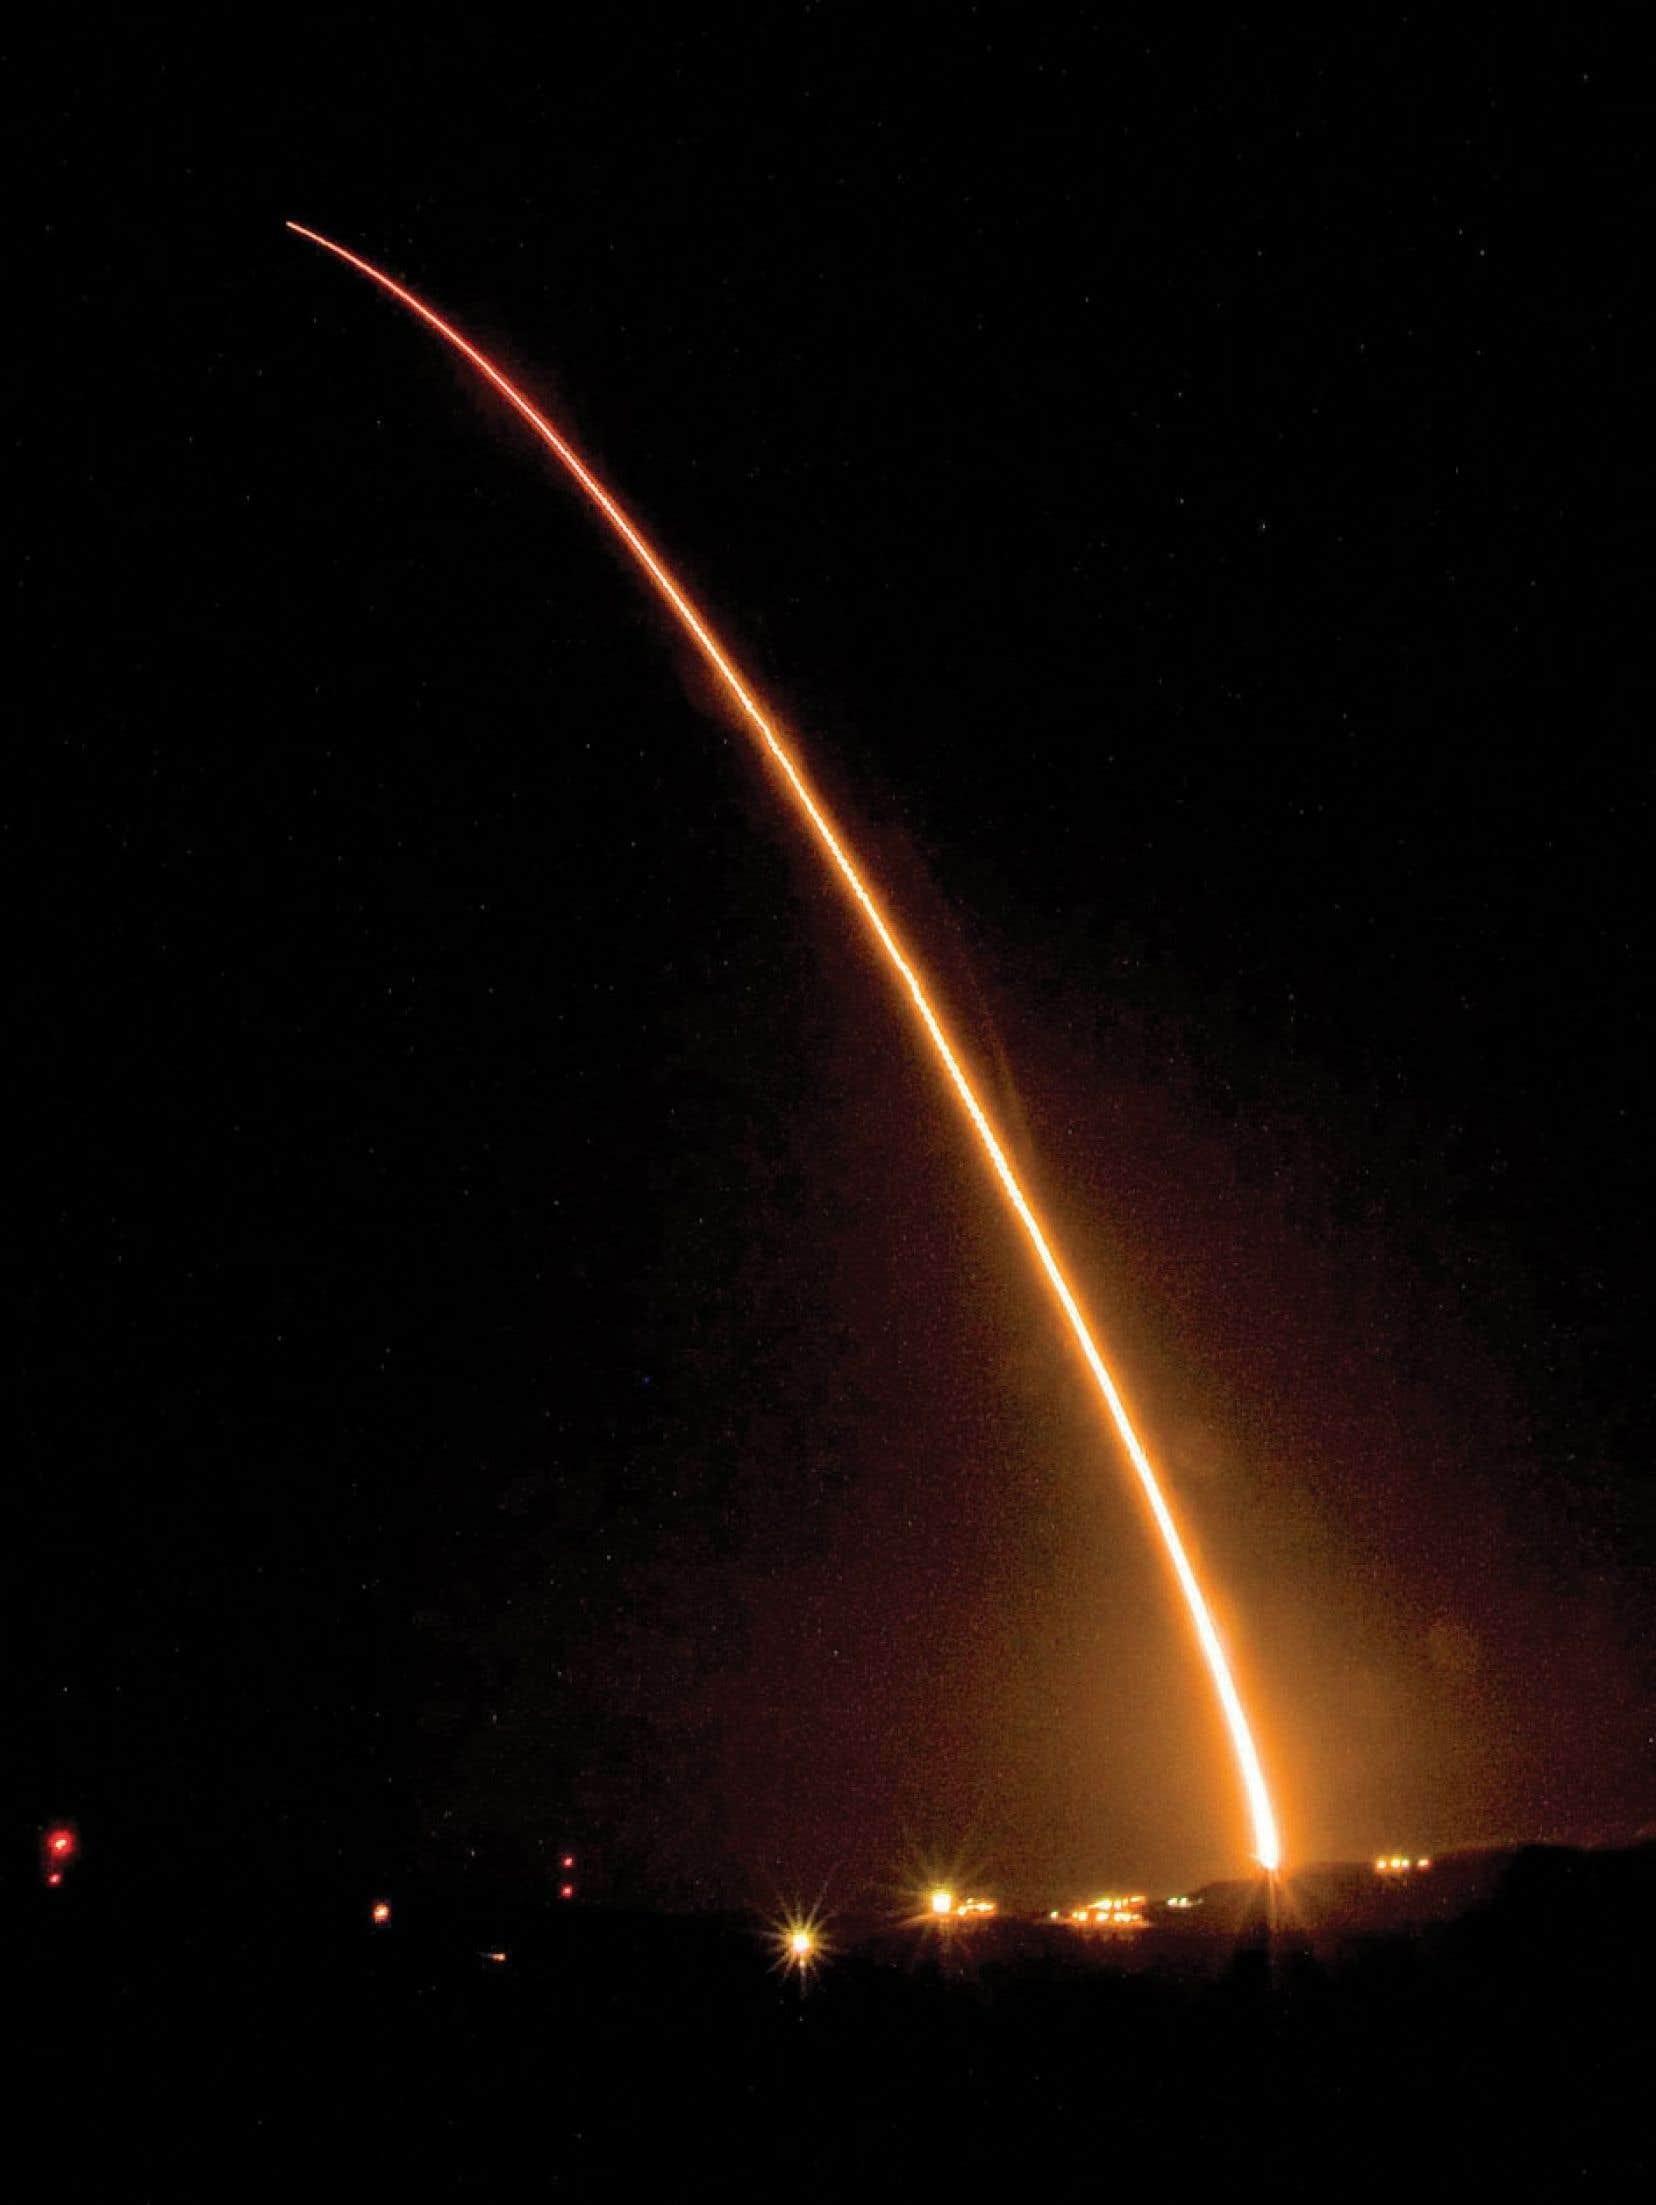 Un missile balistique à ogive nucléaire Minuteman 3 lancé en 2008 depuis la base aérienne Vandenberg, en Californie.